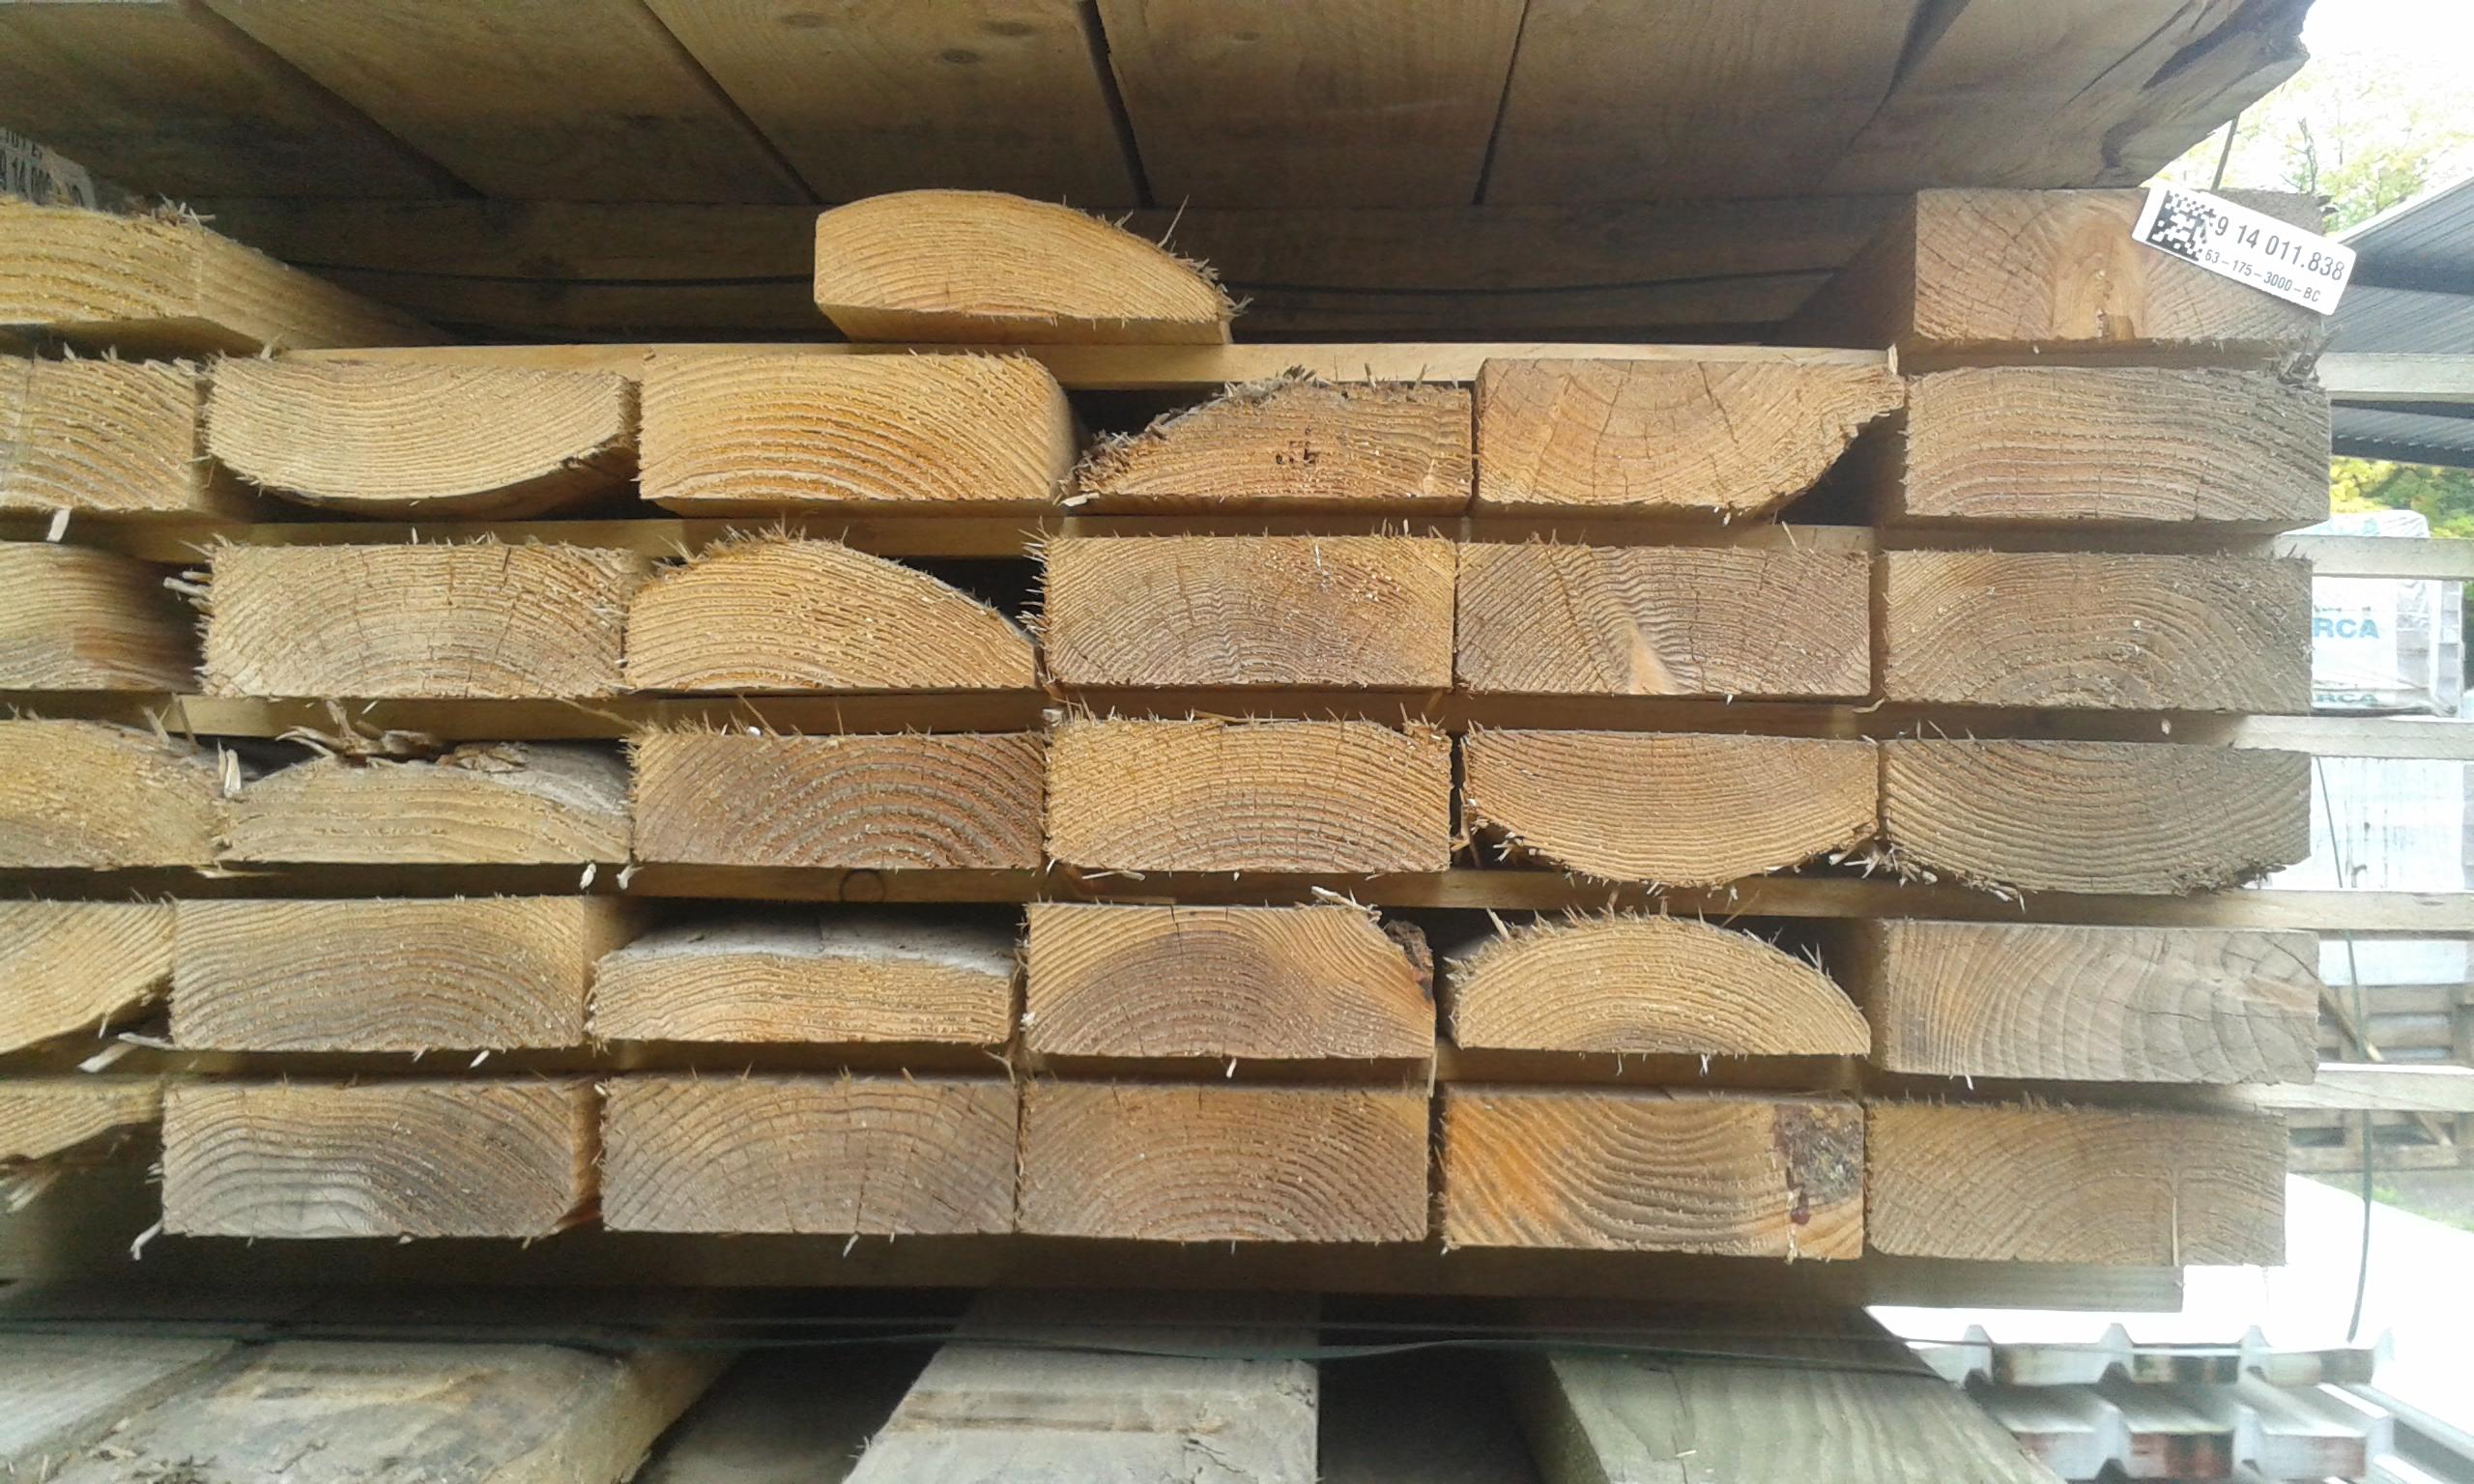 HOUTEN BALKEN 3m - 7x18 cm.en 7x15 cm - lot